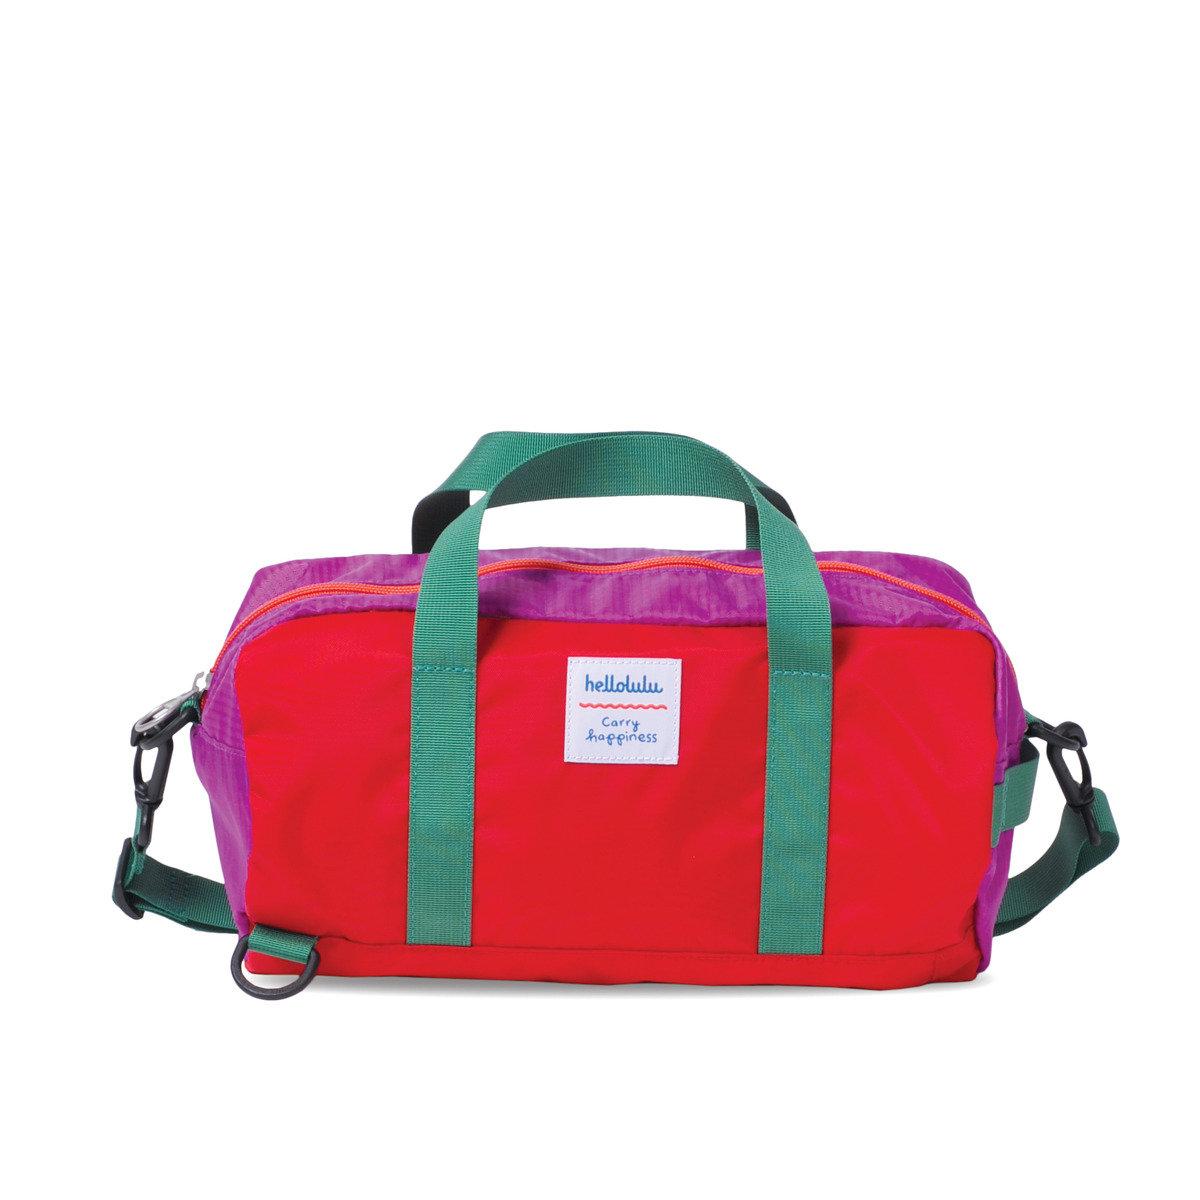 Bobo 兩用小童運動袋(適合2-5歲)